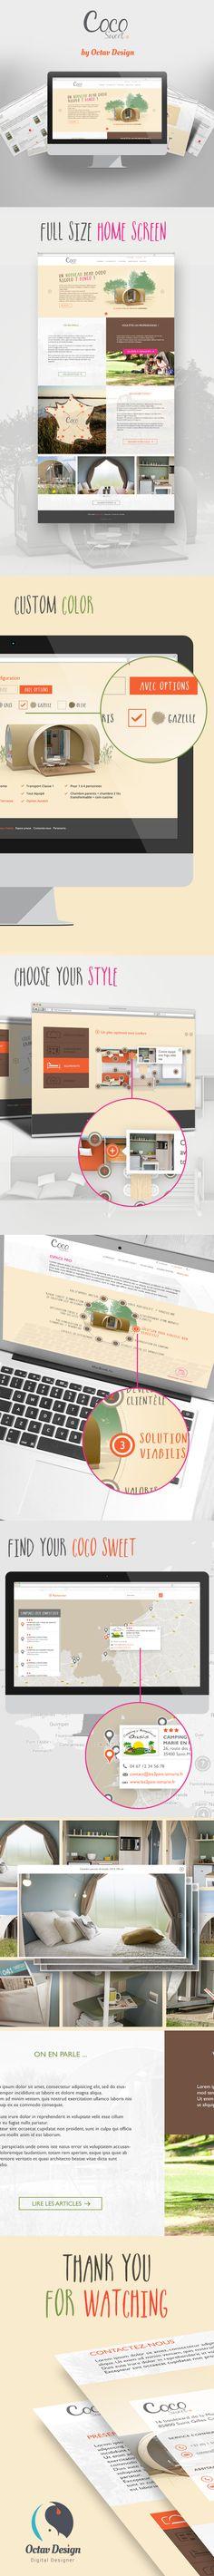 Coco-Sweet web : http://www.mobilhome-coco.com #webdesign #responsive  #iphone #app #interface #flatdesign #menu #ux #ui #design